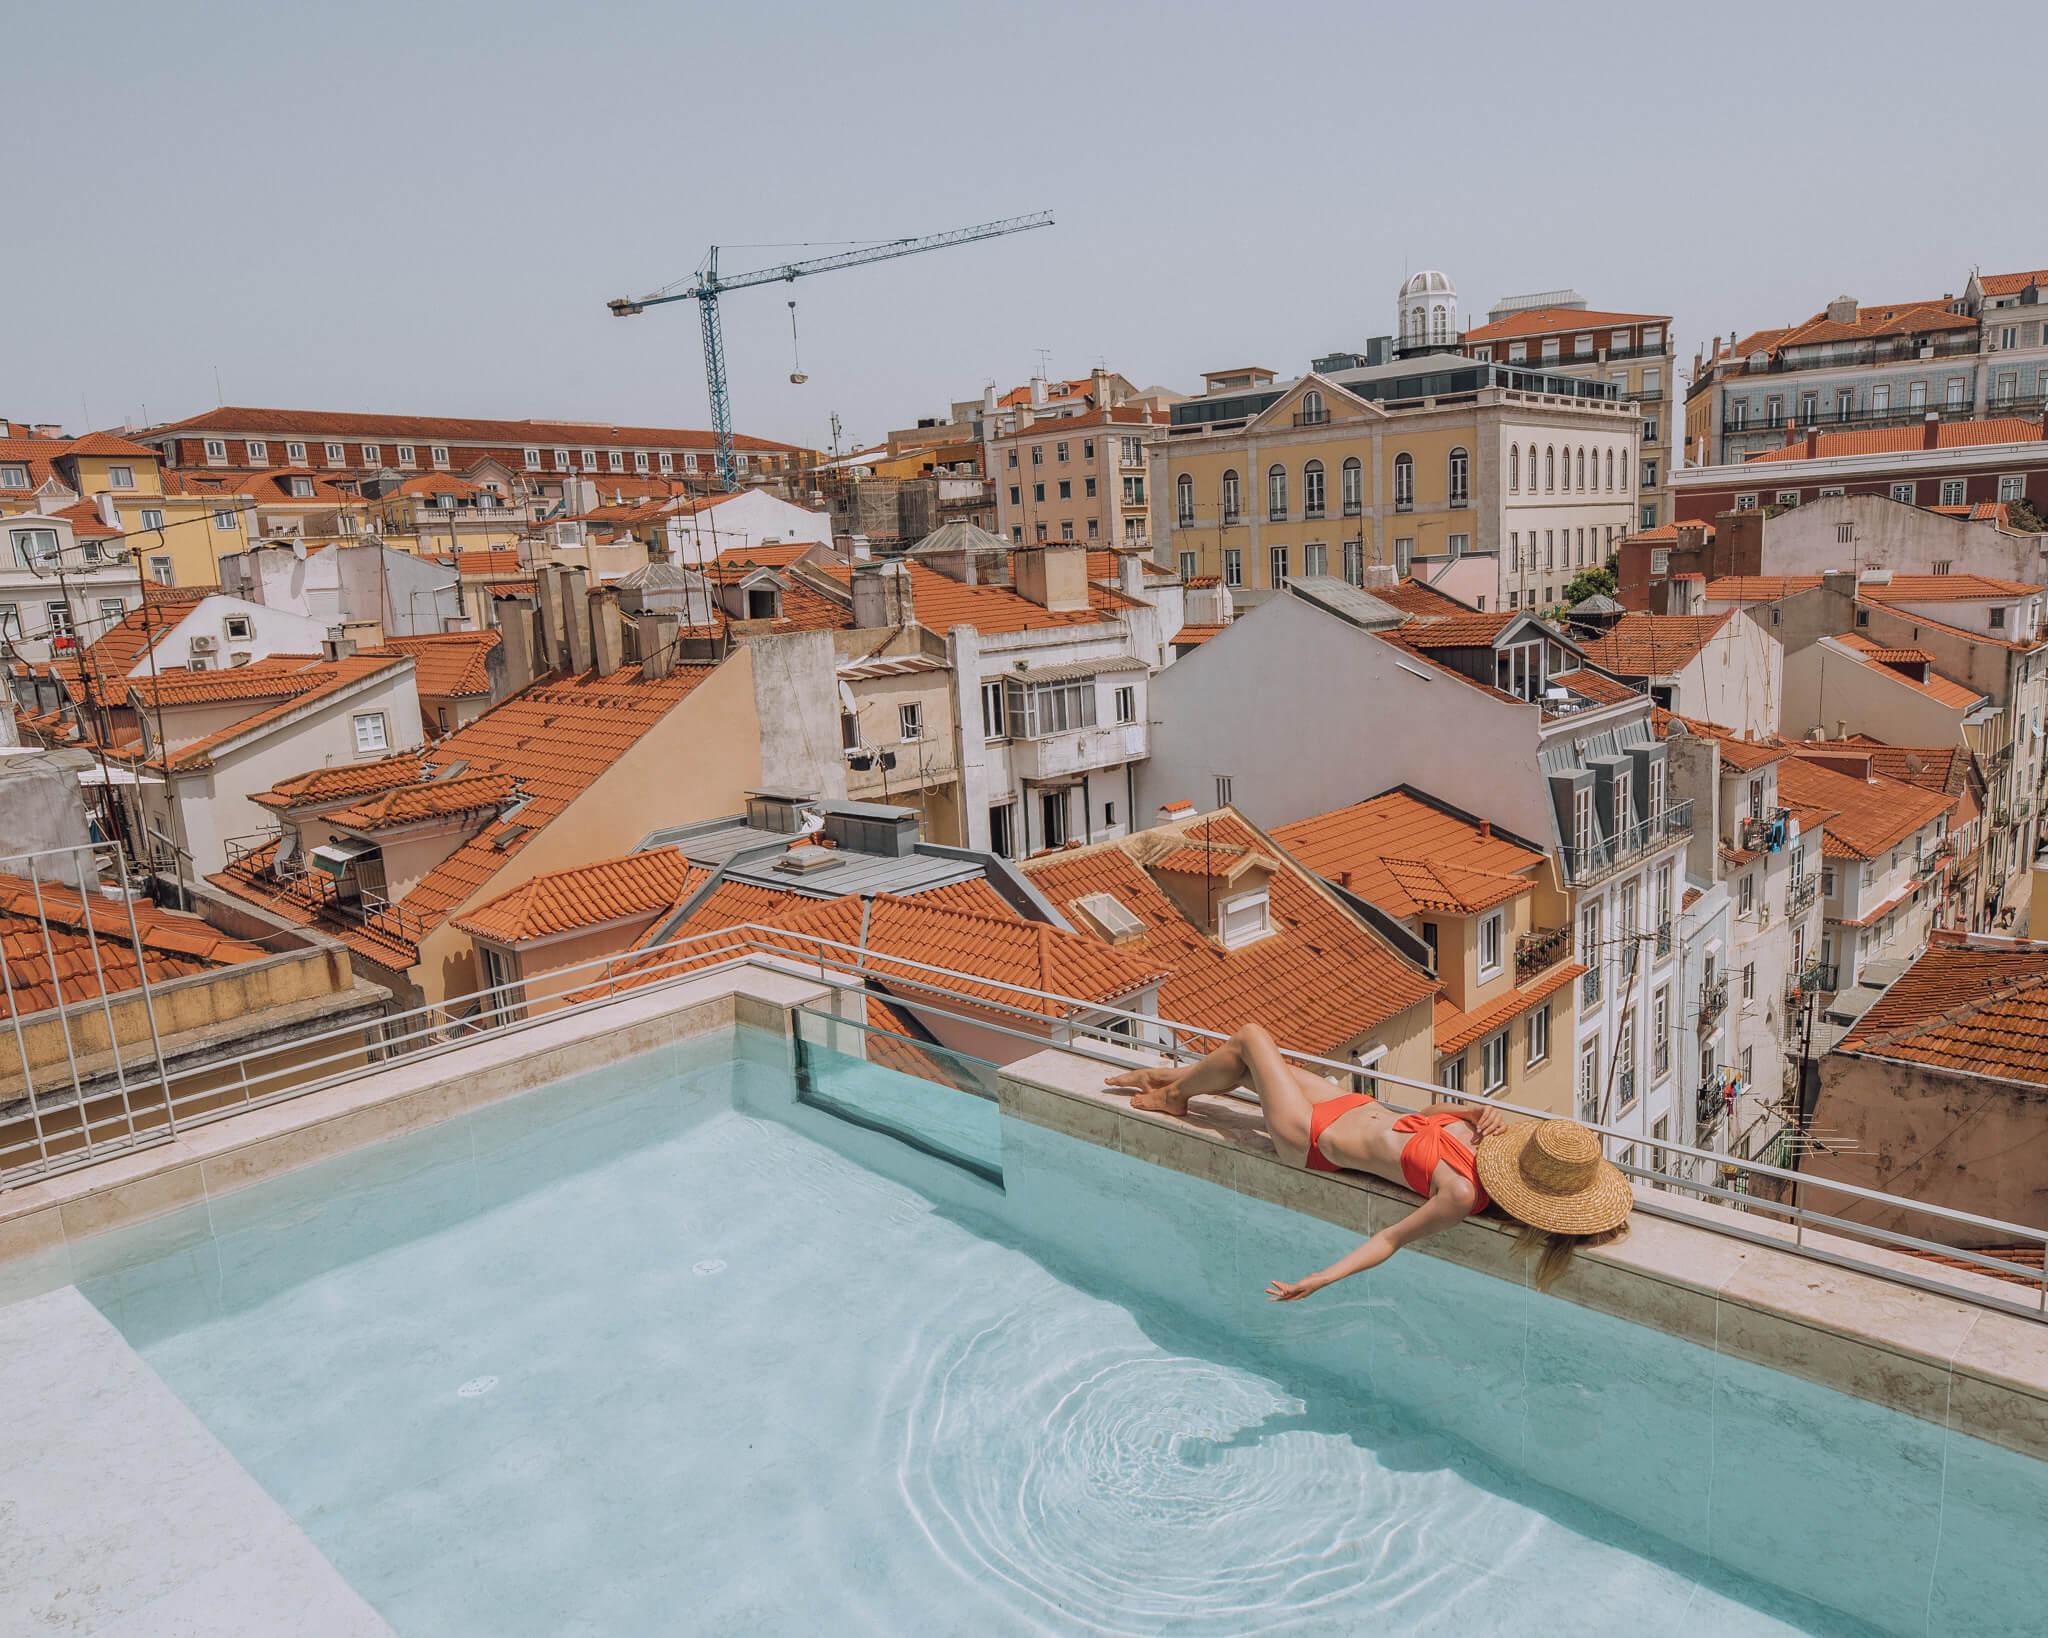 Verride Palácio Santa Catarina pool